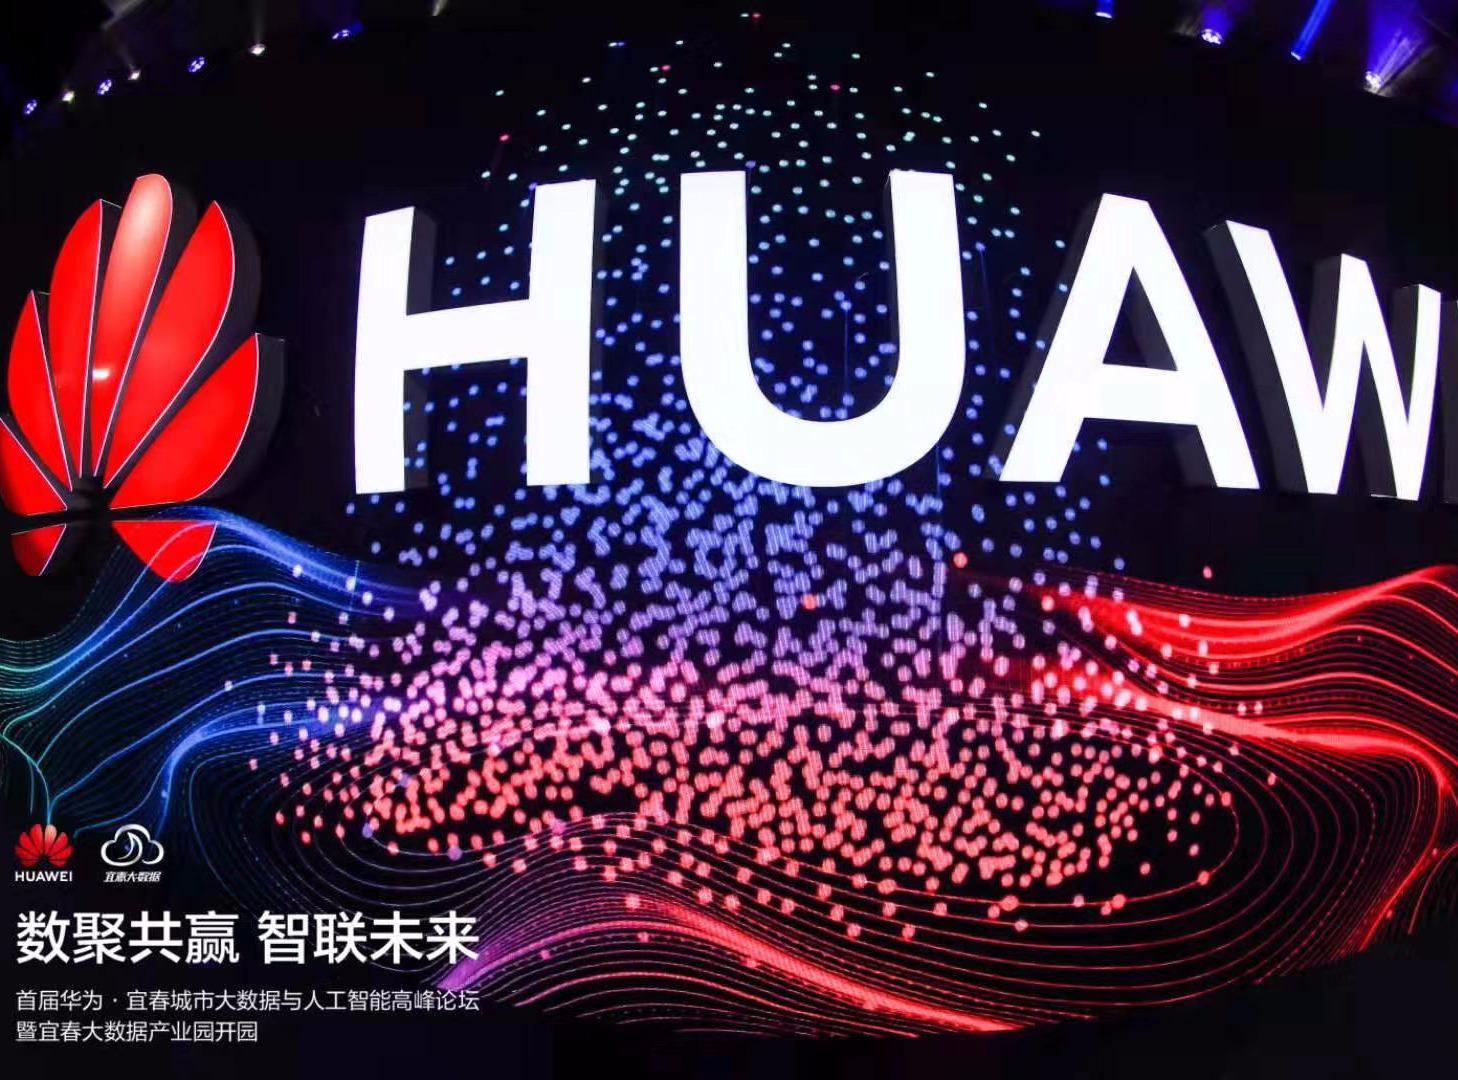 2019华为HWAWEI大数据人工智能高峰论坛